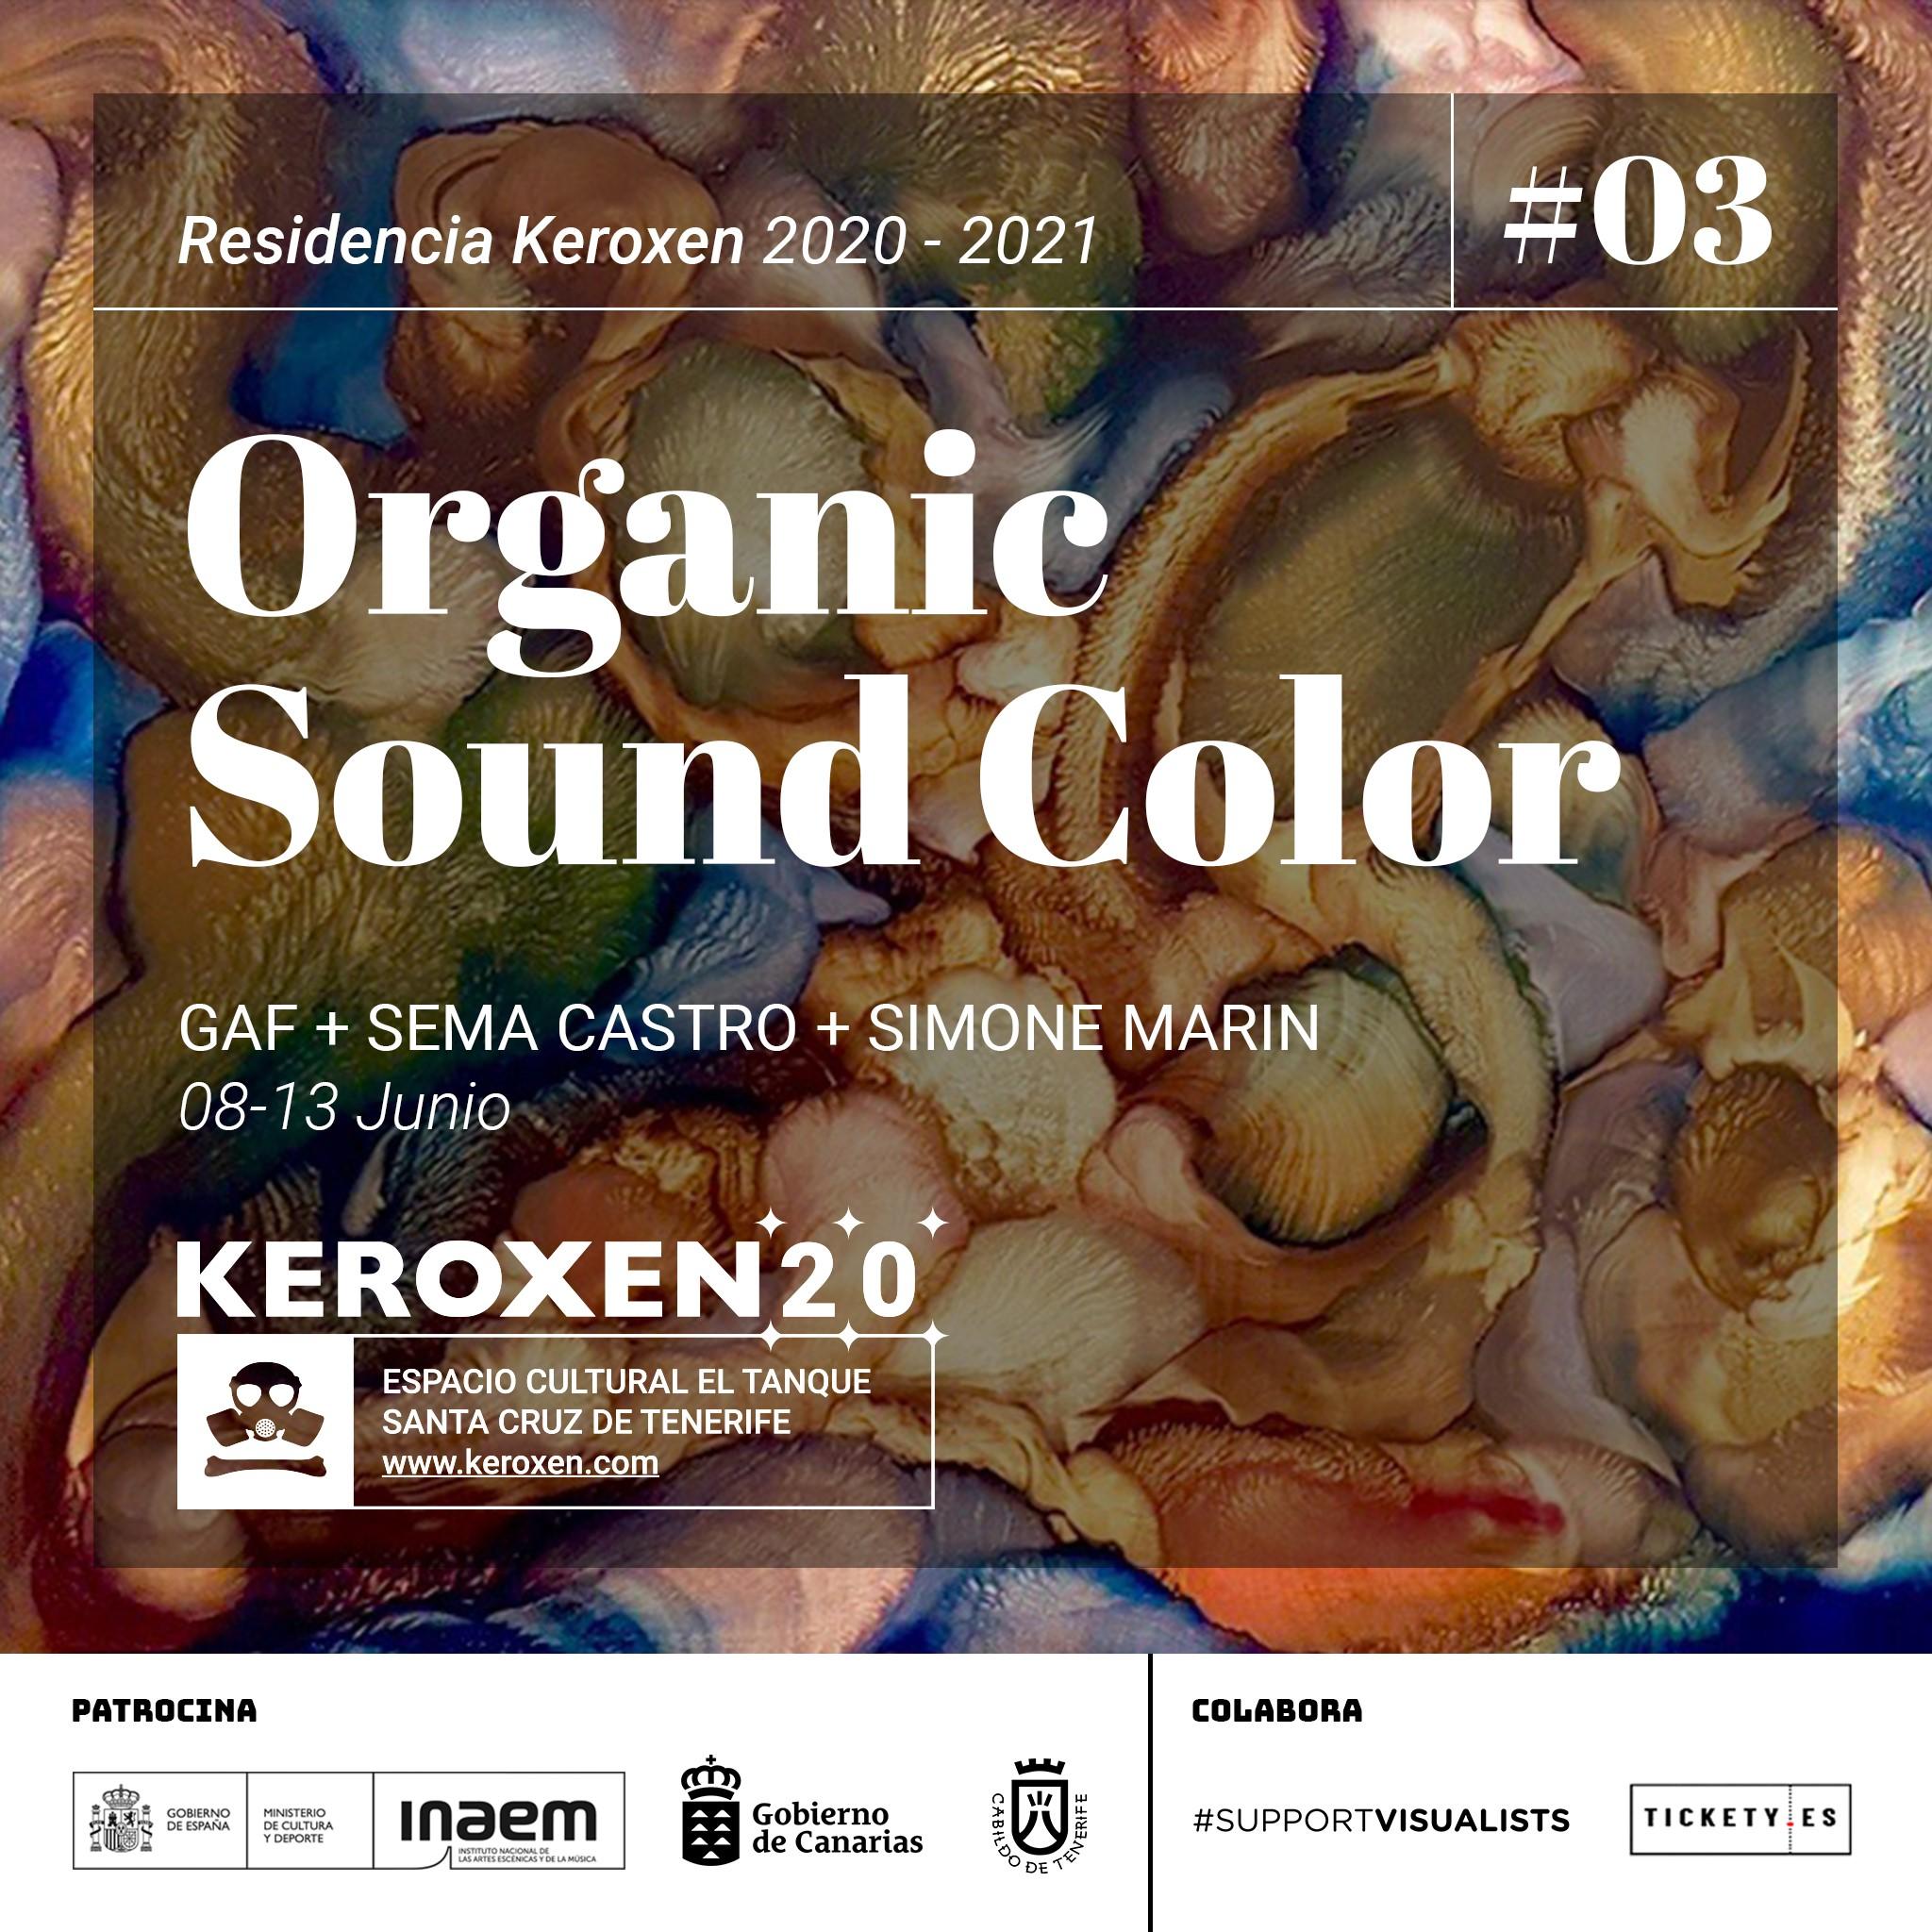 Keroxen organiza dos residencias artísticas en el Espacio Cultural El Tanque